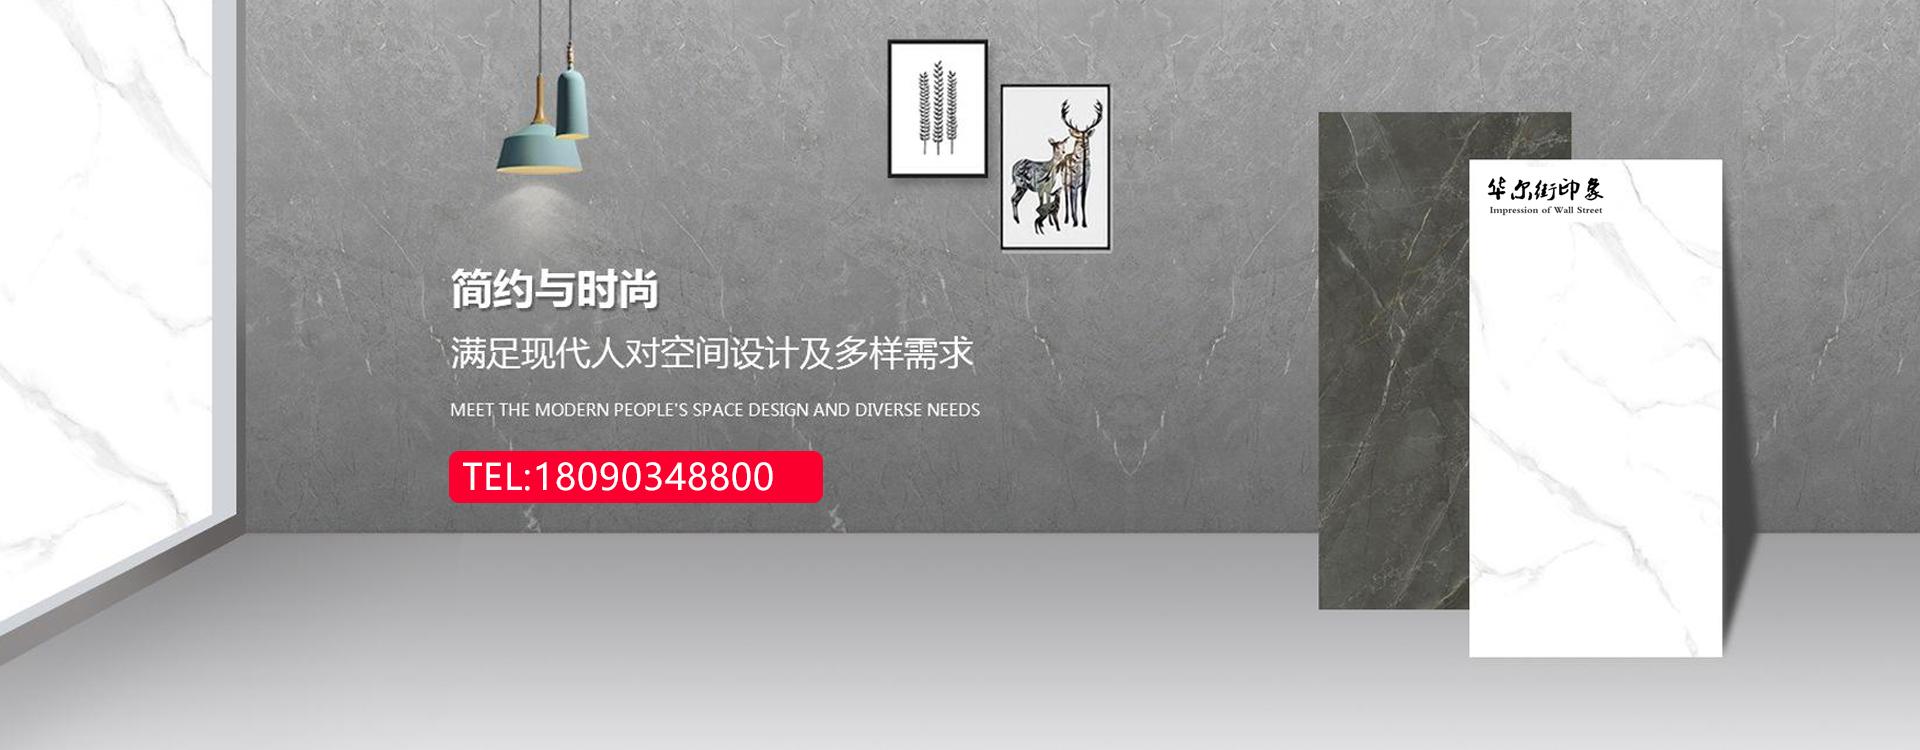 佛山市华尔街印象建材有限公司总厂位于陶都佛山,分厂位于夹江瓷砖批发市场。